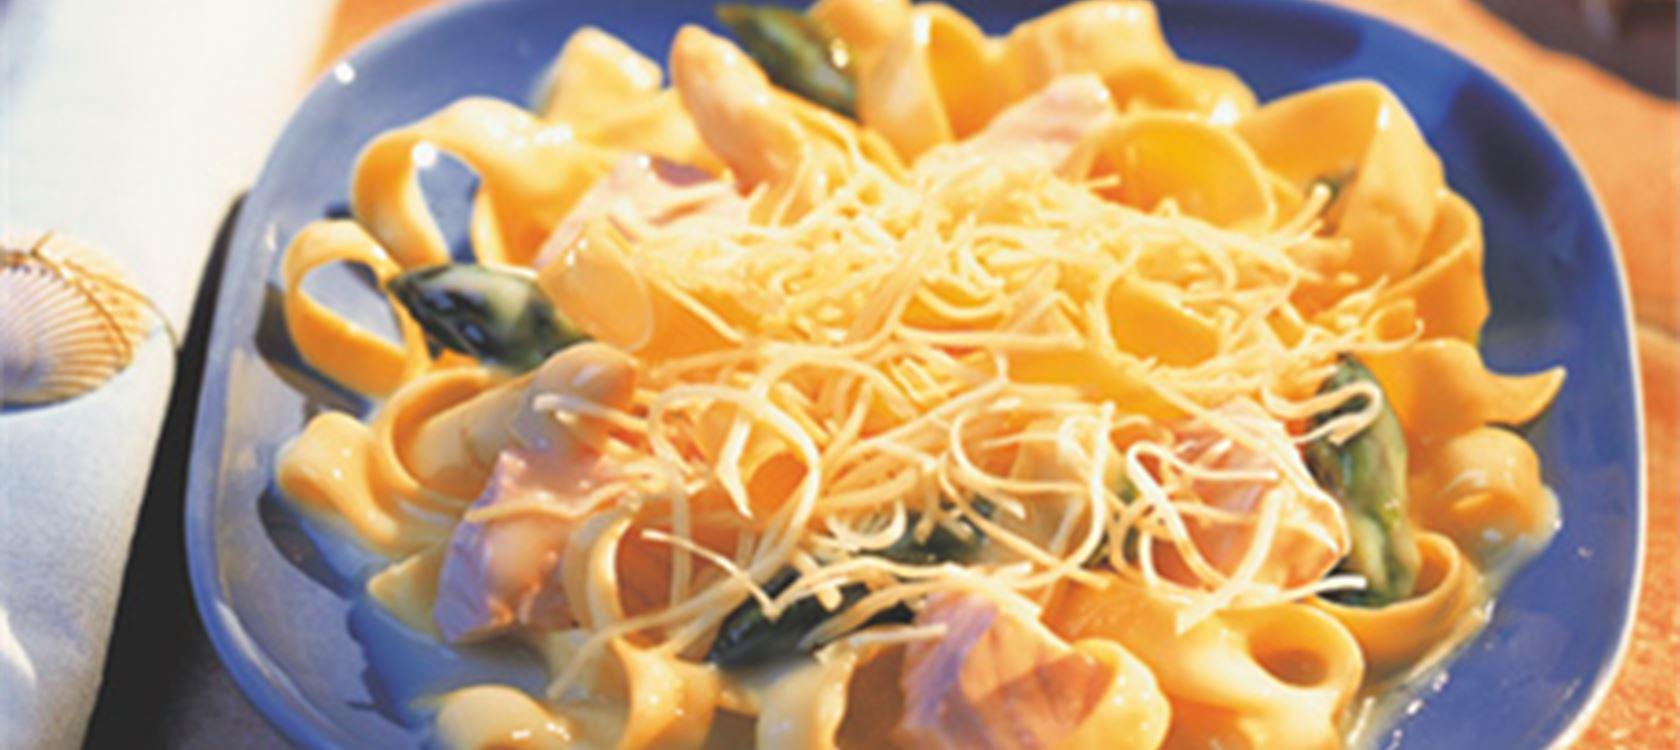 Φαρφάλες σαλάτα με καλαμπόκι και πιπεριά Φλωρίνης